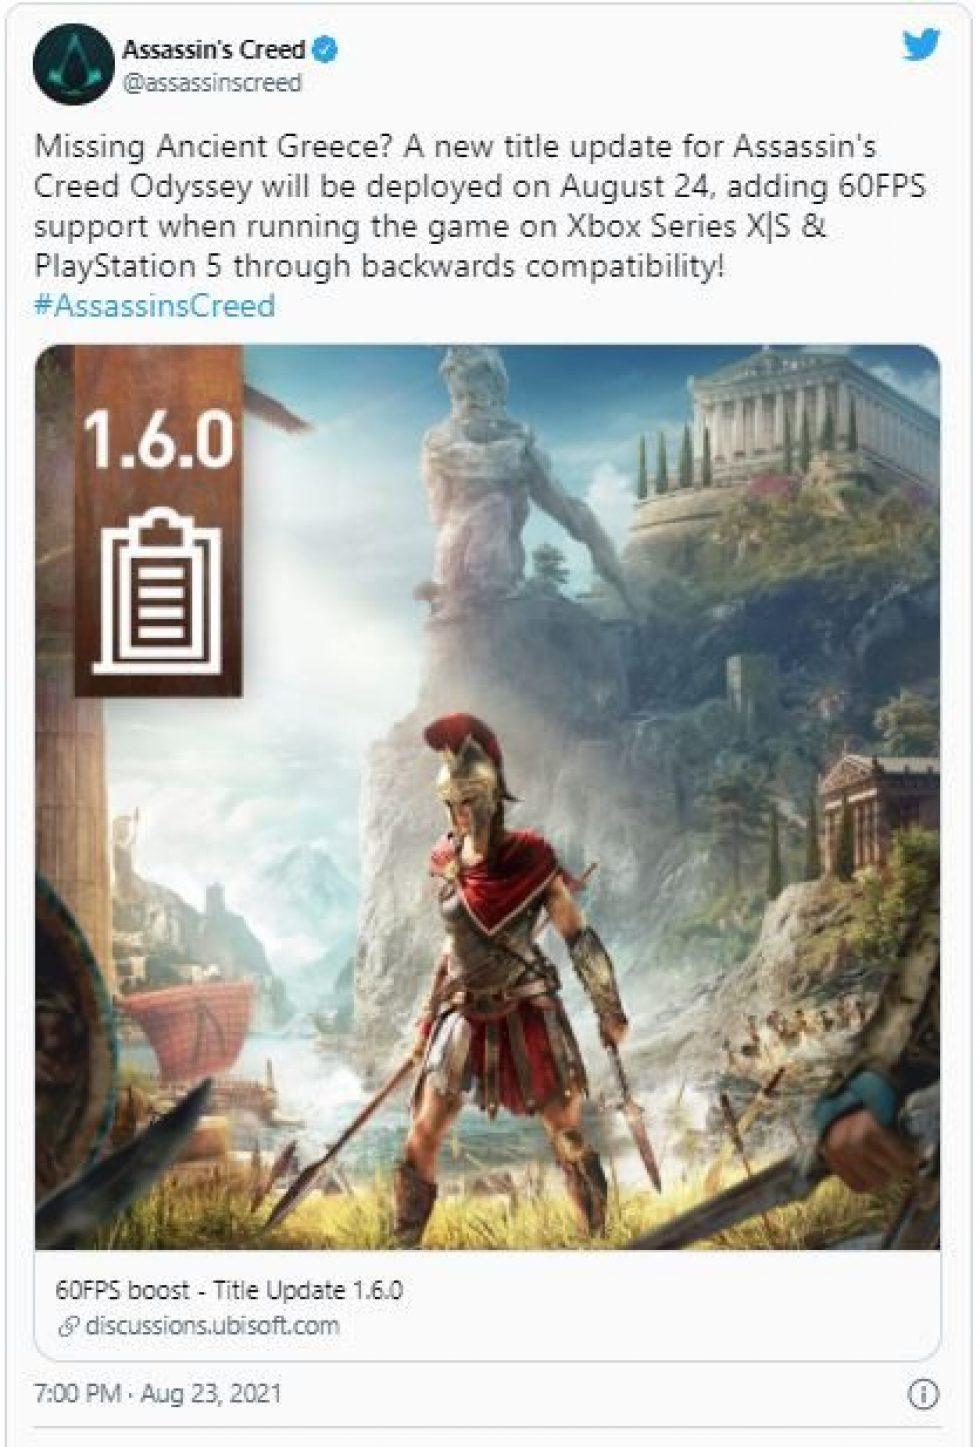 Odyssey-next-gen-upgrade